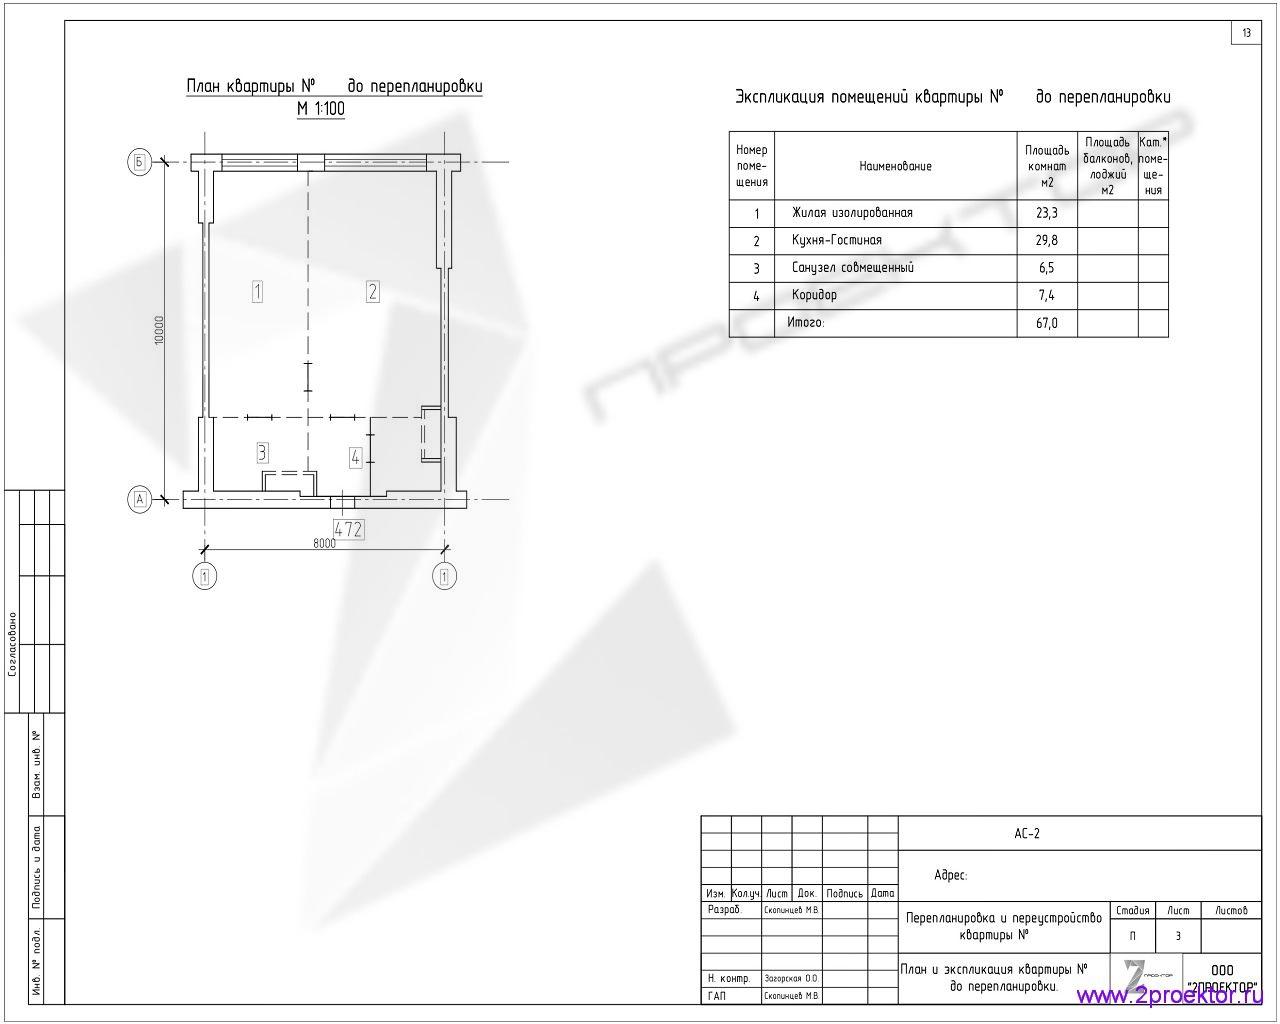 Типовой вариант планировки квартиры в Жилом комплексе Аэробус.